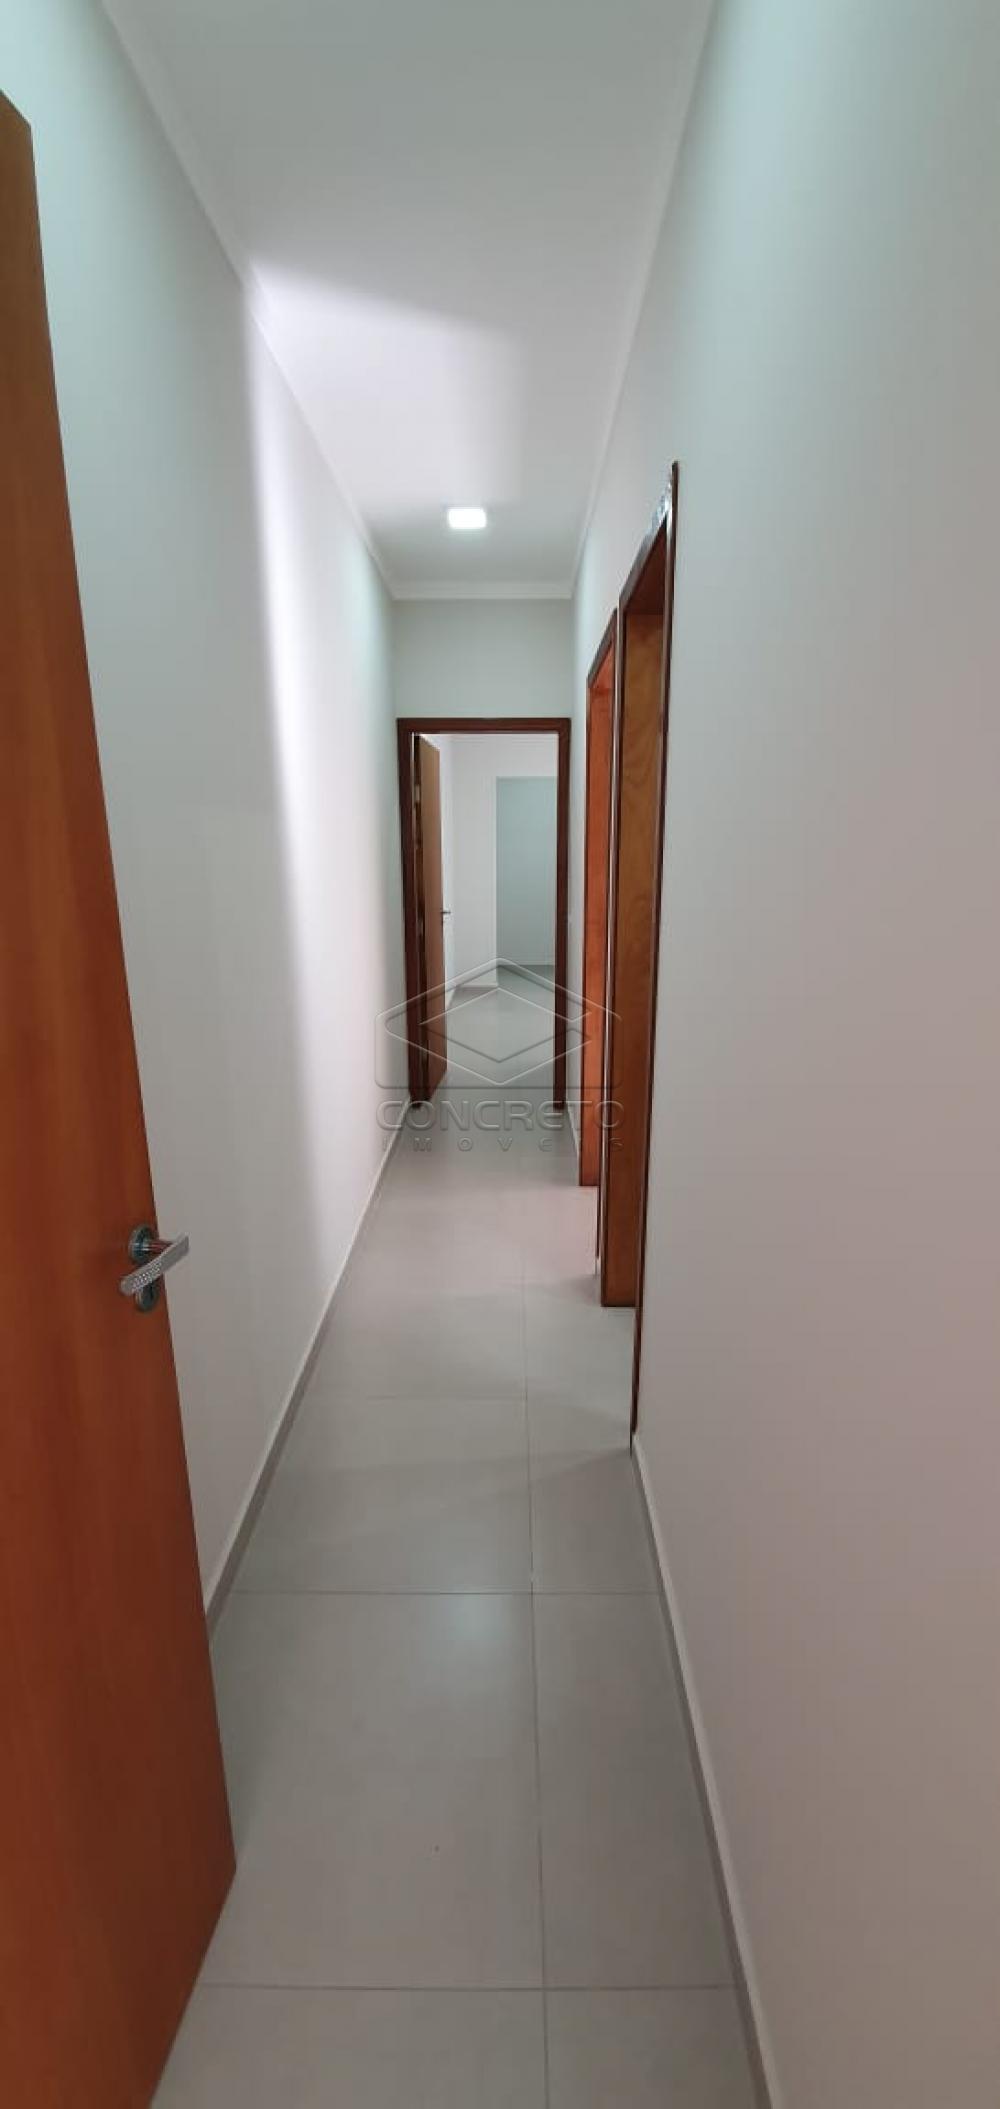 Comprar Casa / Padrão em Bauru R$ 350.000,00 - Foto 18